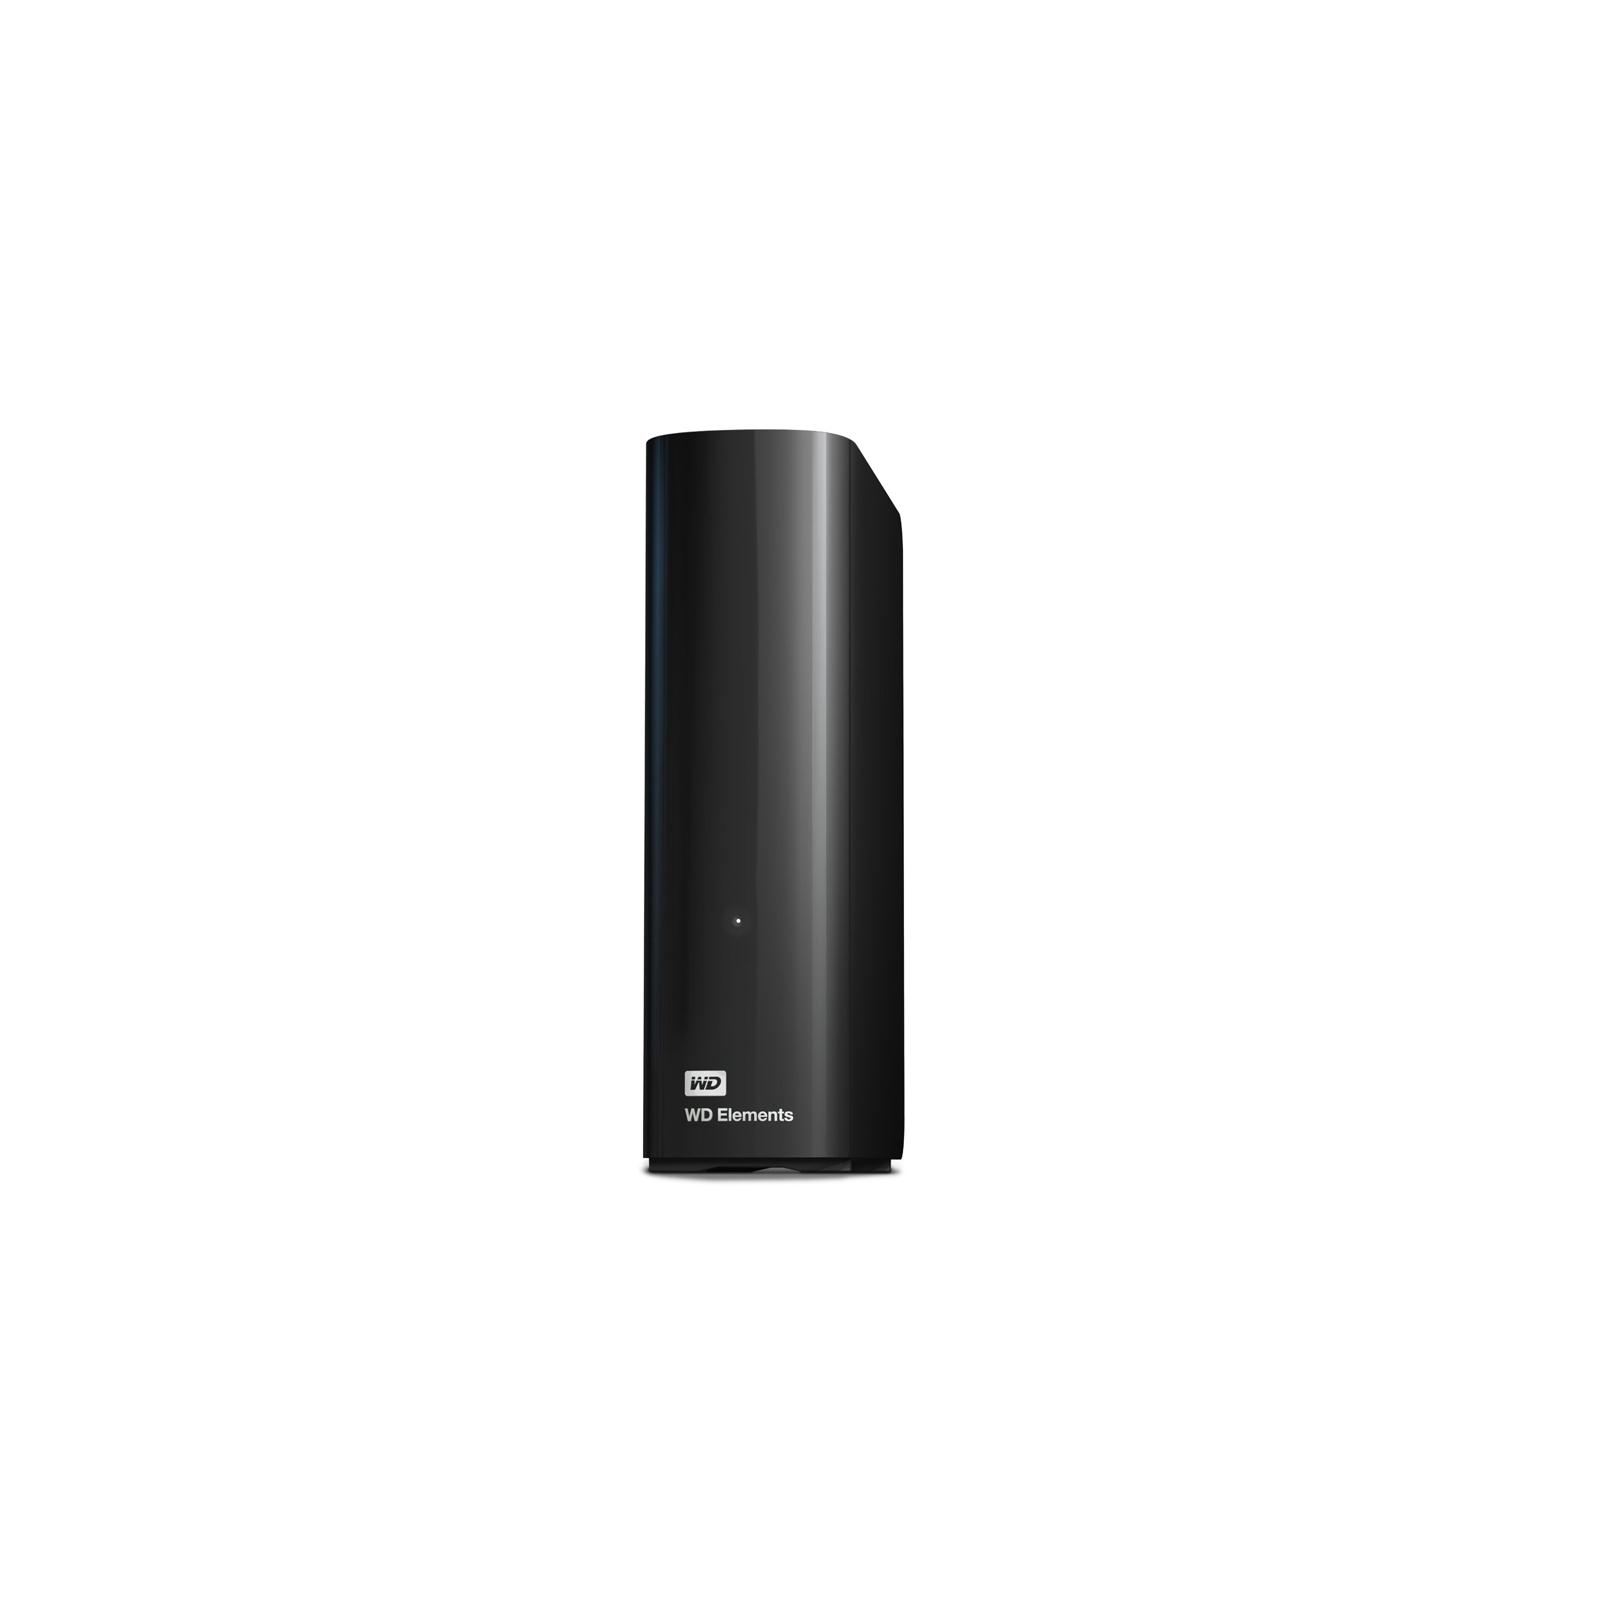 """Внешний жесткий диск 3.5"""" 3TB Western Digital (WDBWLG0030HBK-EESN) изображение 7"""